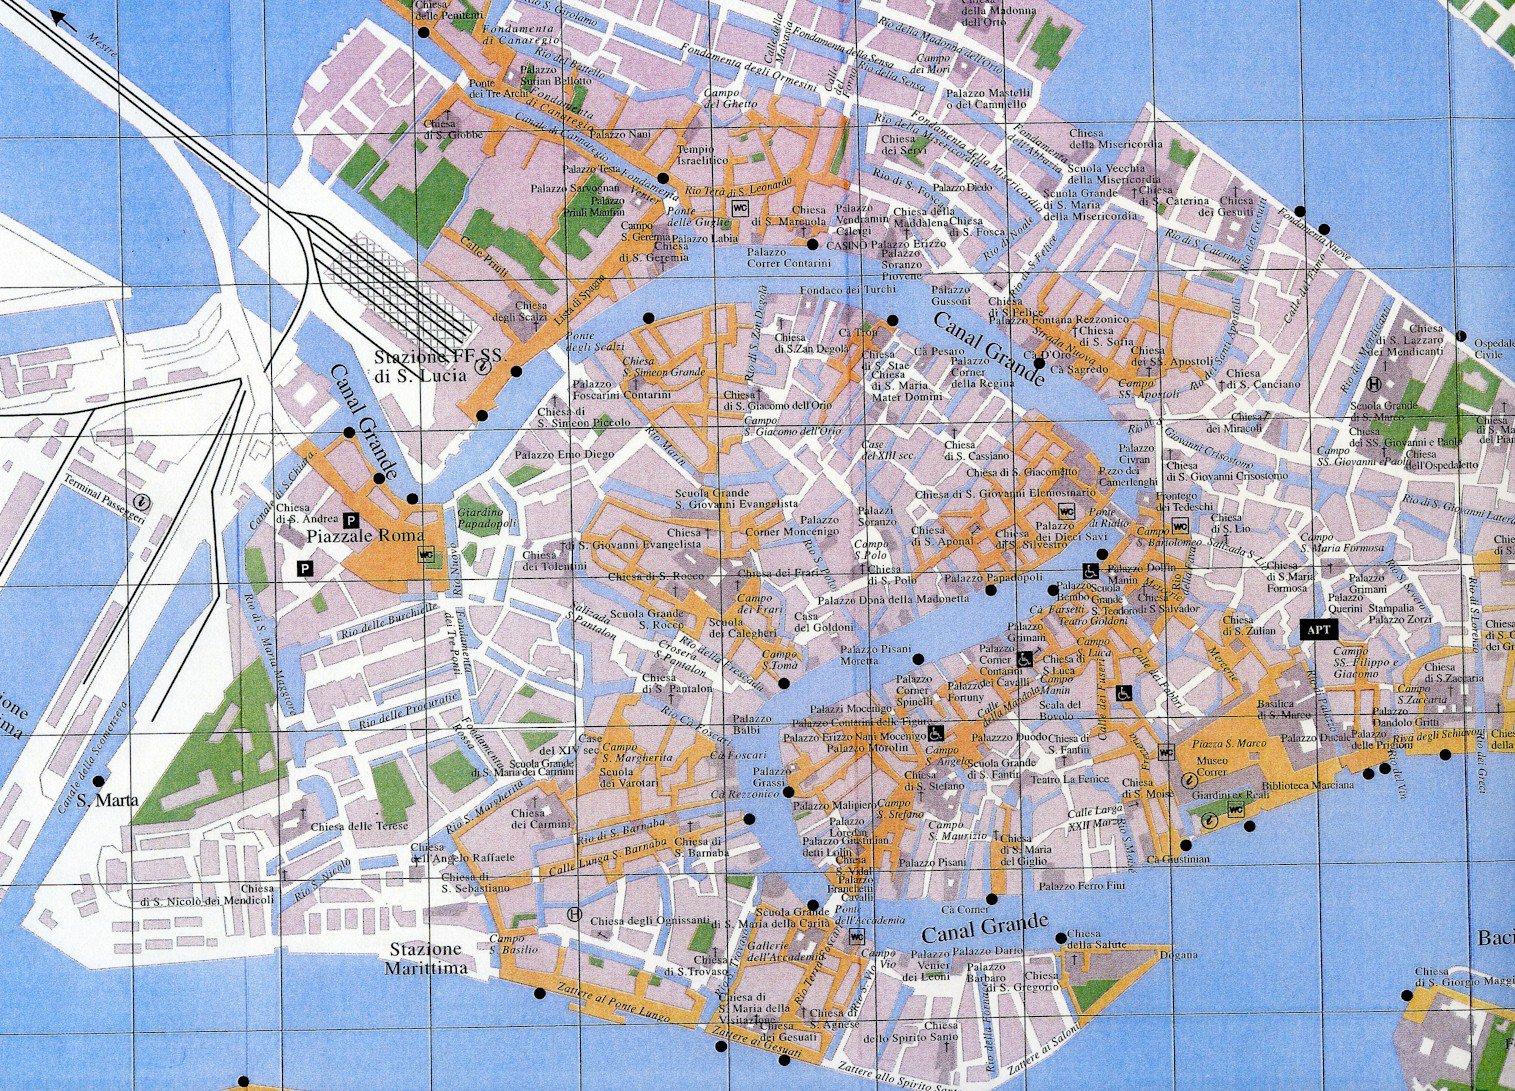 Karty Venecii Italiya Podrobnaya Karta Venecii Na Russkom Yazyke S